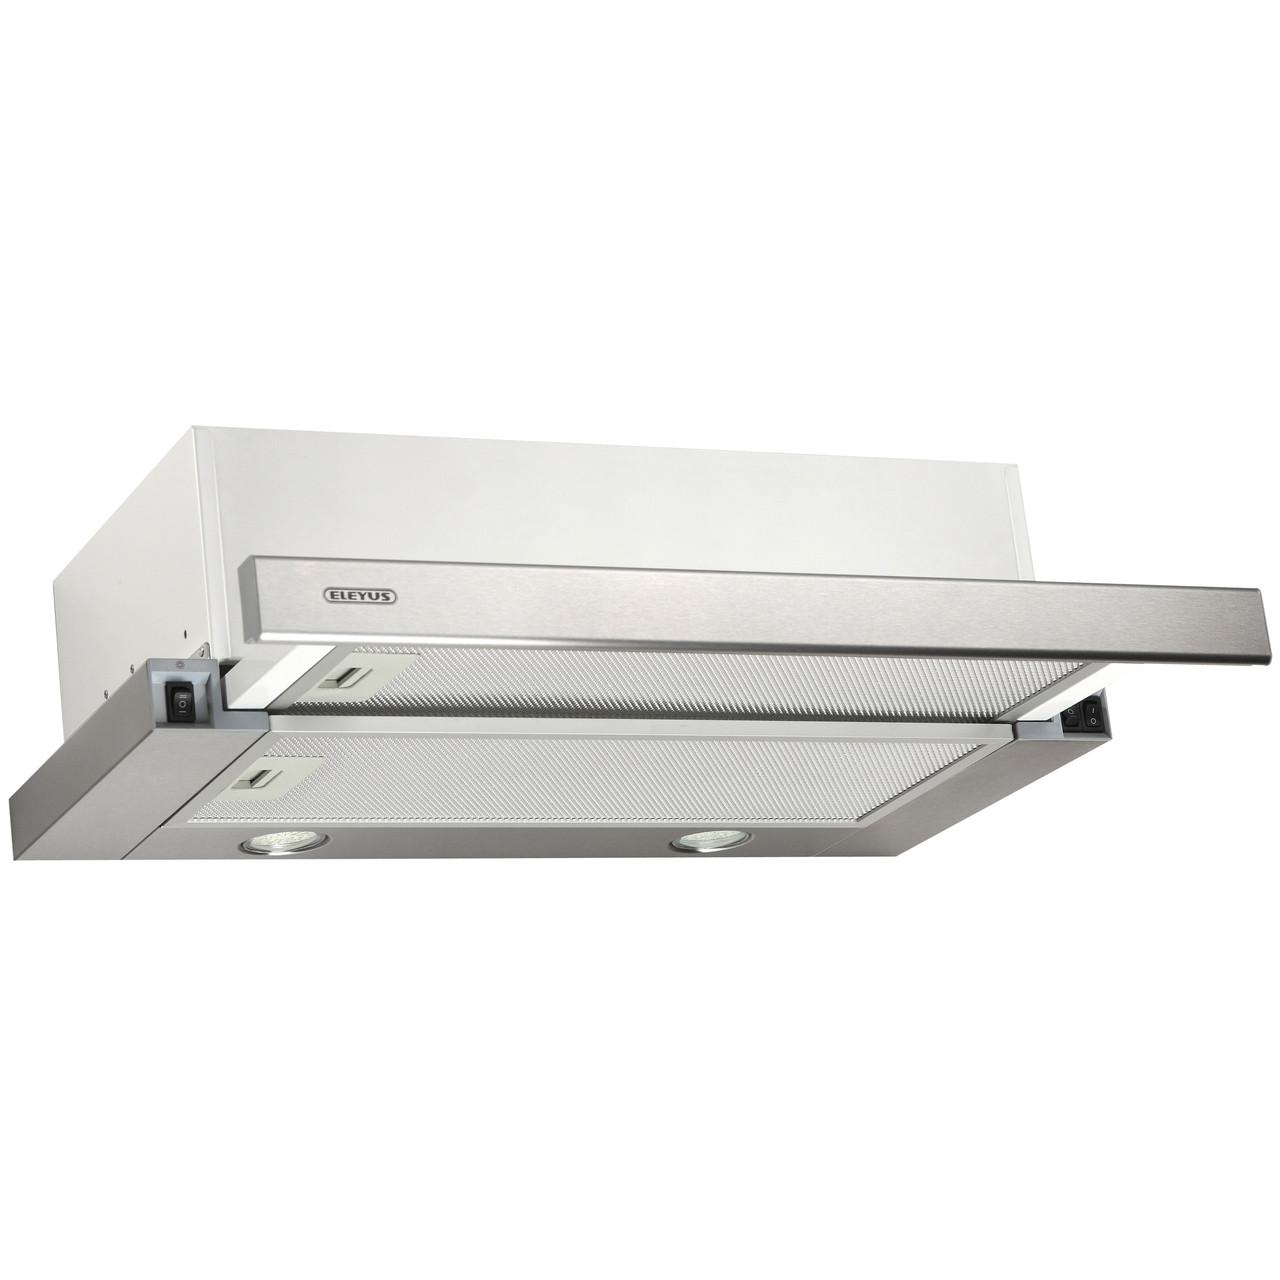 Витяжка кухонна телескопічна ELEYUS Storm 700 LED SMD 60 IS + Безкоштовна доставка!